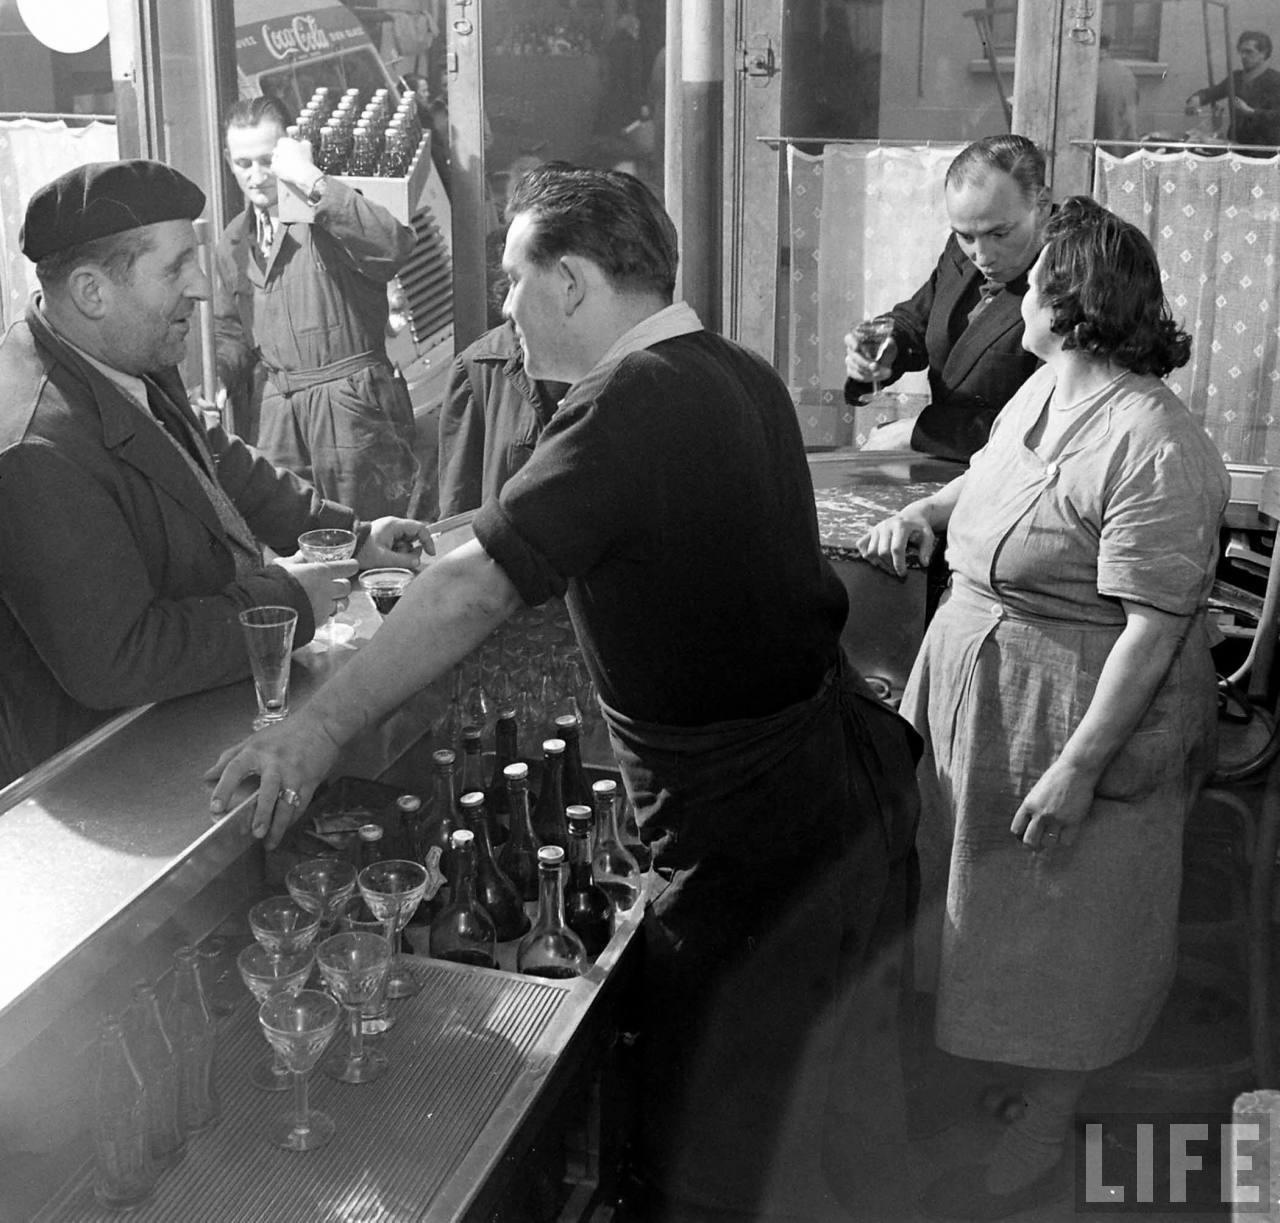 1950 coca cola arrive france 09 1950, Coca Cola arrive en France